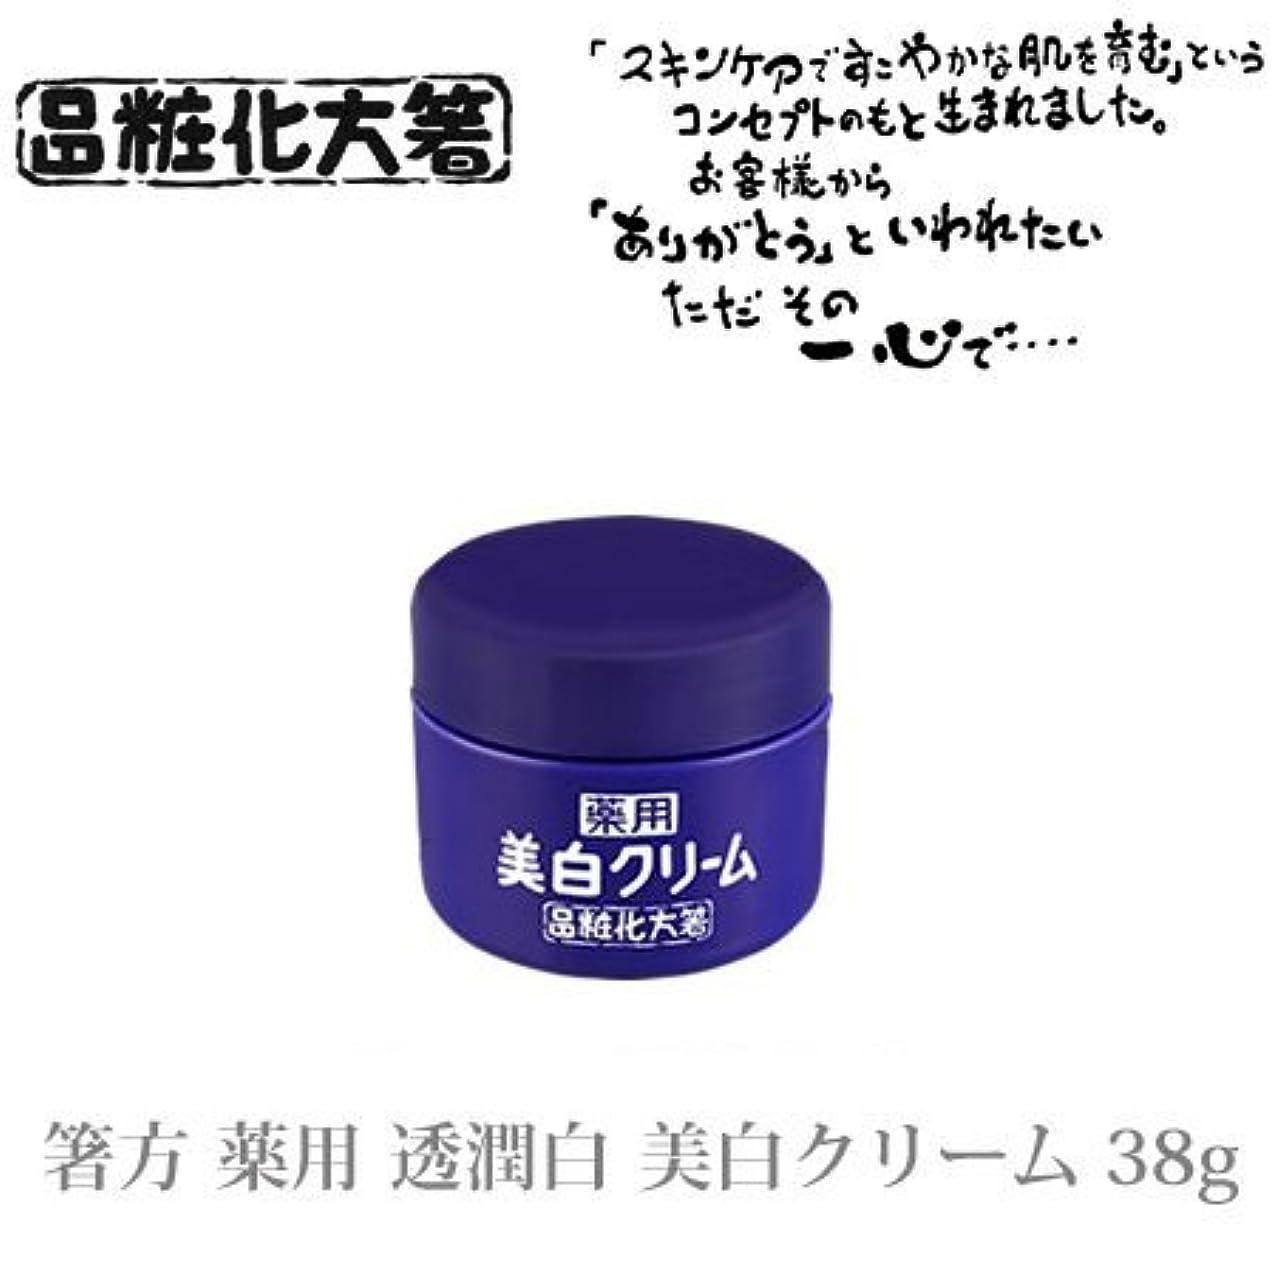 シェルター実験的大声で箸方化粧品 薬用 透潤白 美白クリーム 38g はしかた化粧品